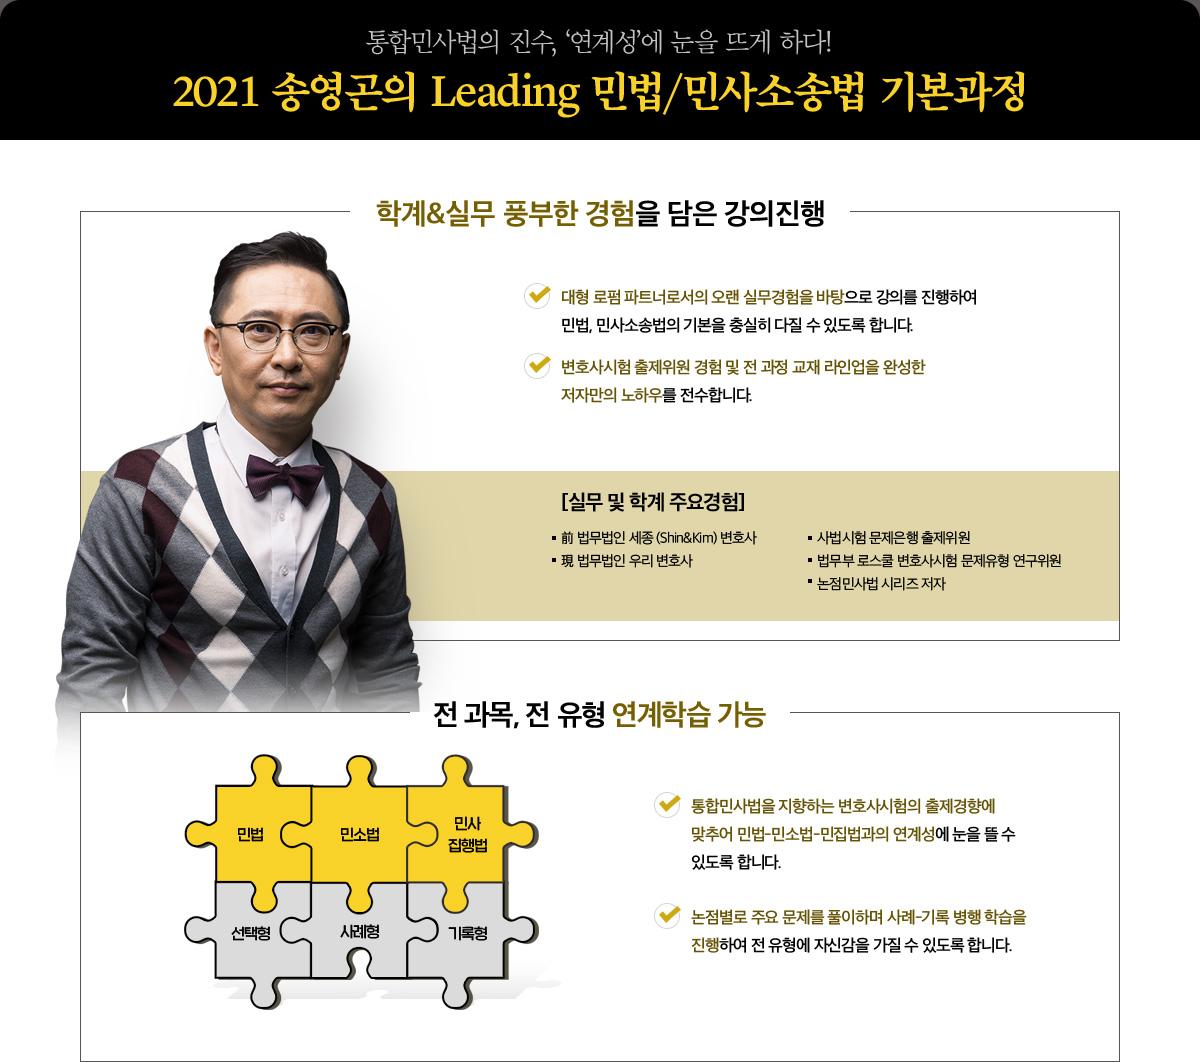 통합민사법의 진수, '연계성'에 눈을 뜨게 하다! 2021 송영곤의 Leading 민법/민사소송법 기본과정